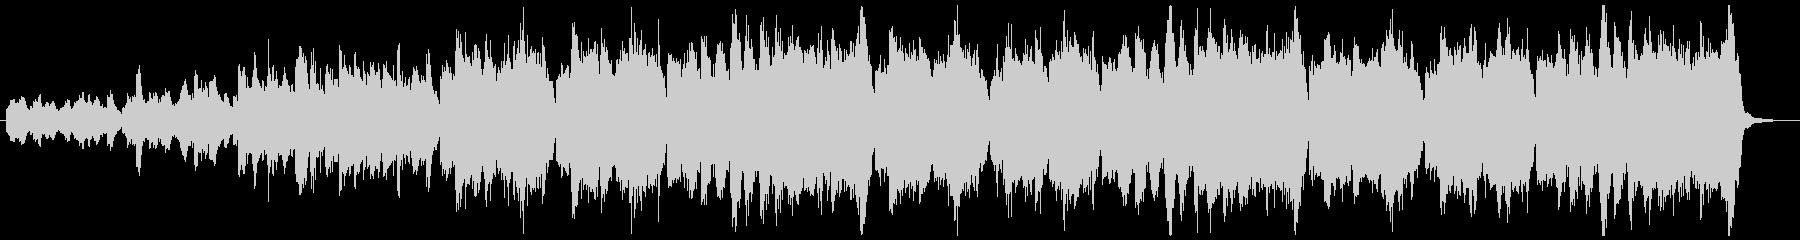 不気味な雰囲気のオーケストラBGMの未再生の波形